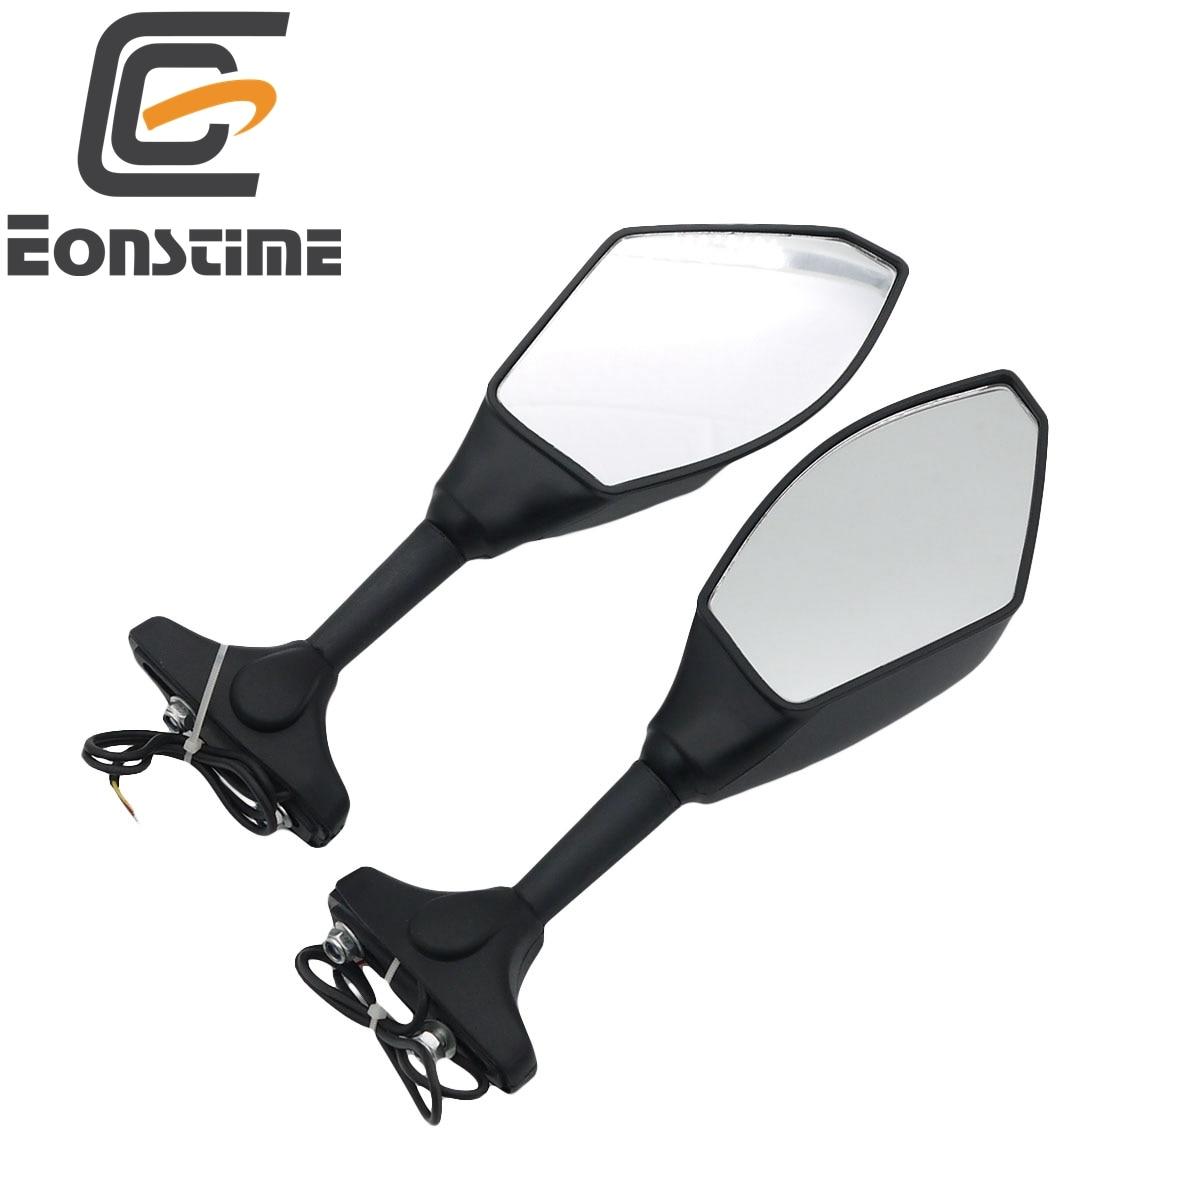 1 Pair Motorcycle Rearview Mirrors Black With LED Turn Signal For Honda Kawasaki